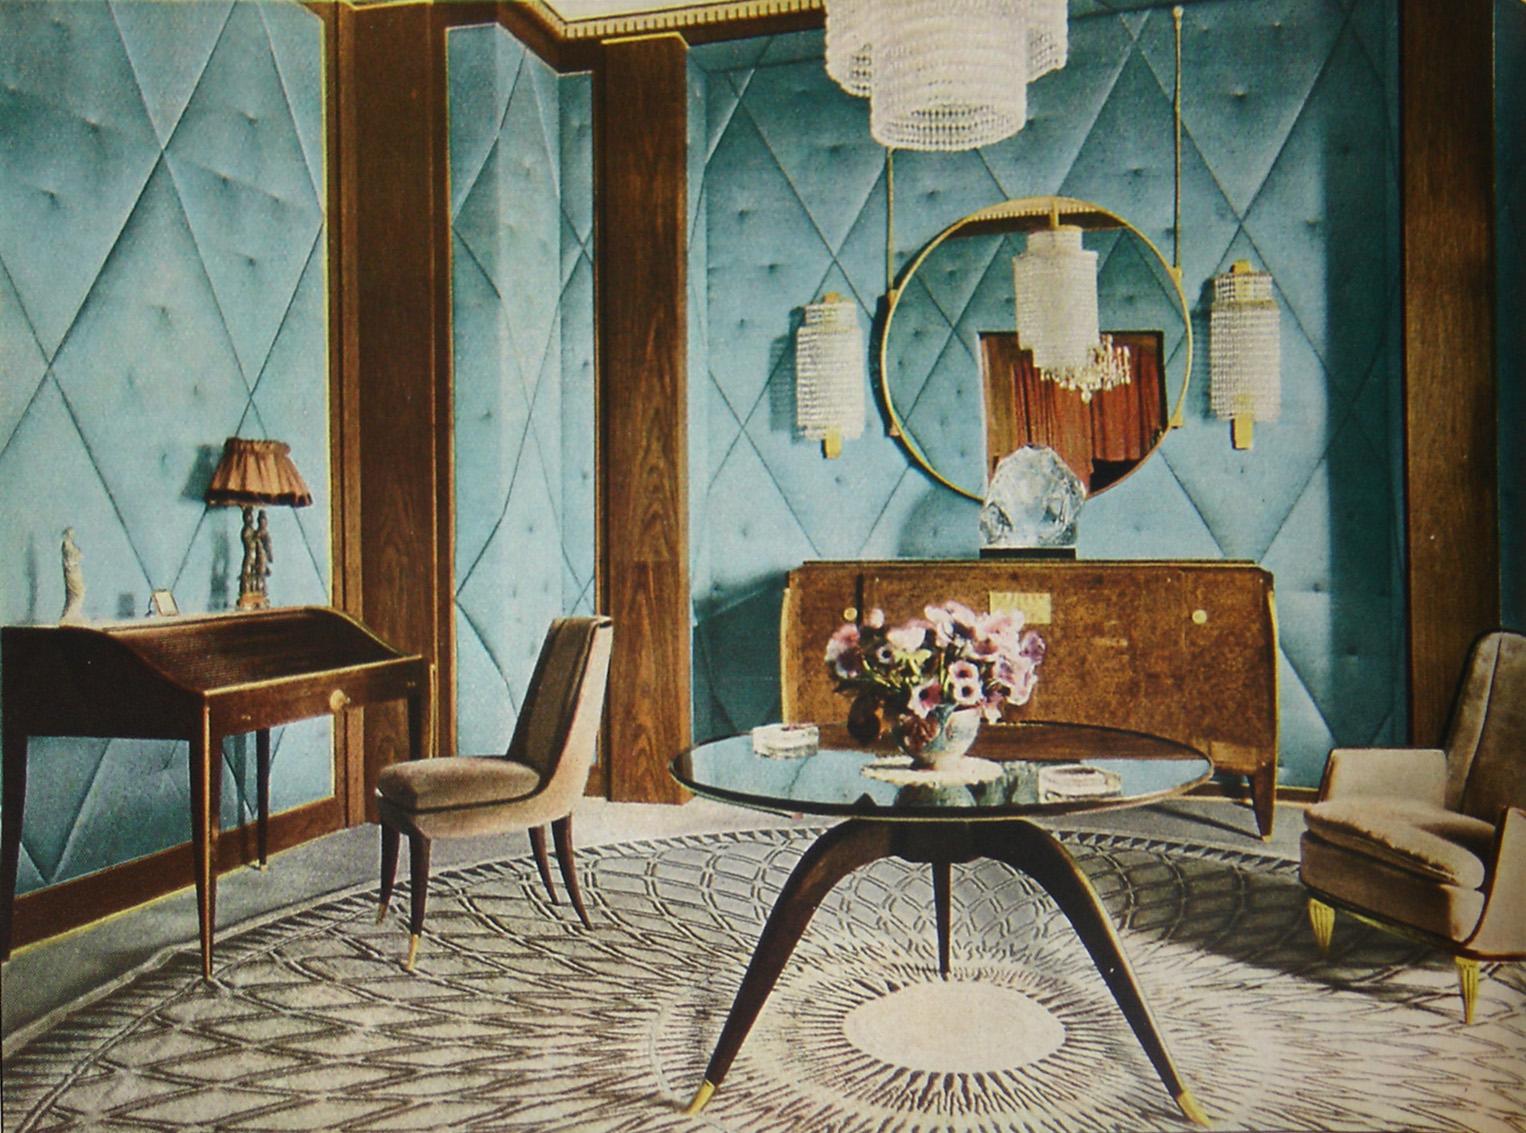 Мебель в стиле Ар Деко дизайнера Émile-Jacques Ruhlmann